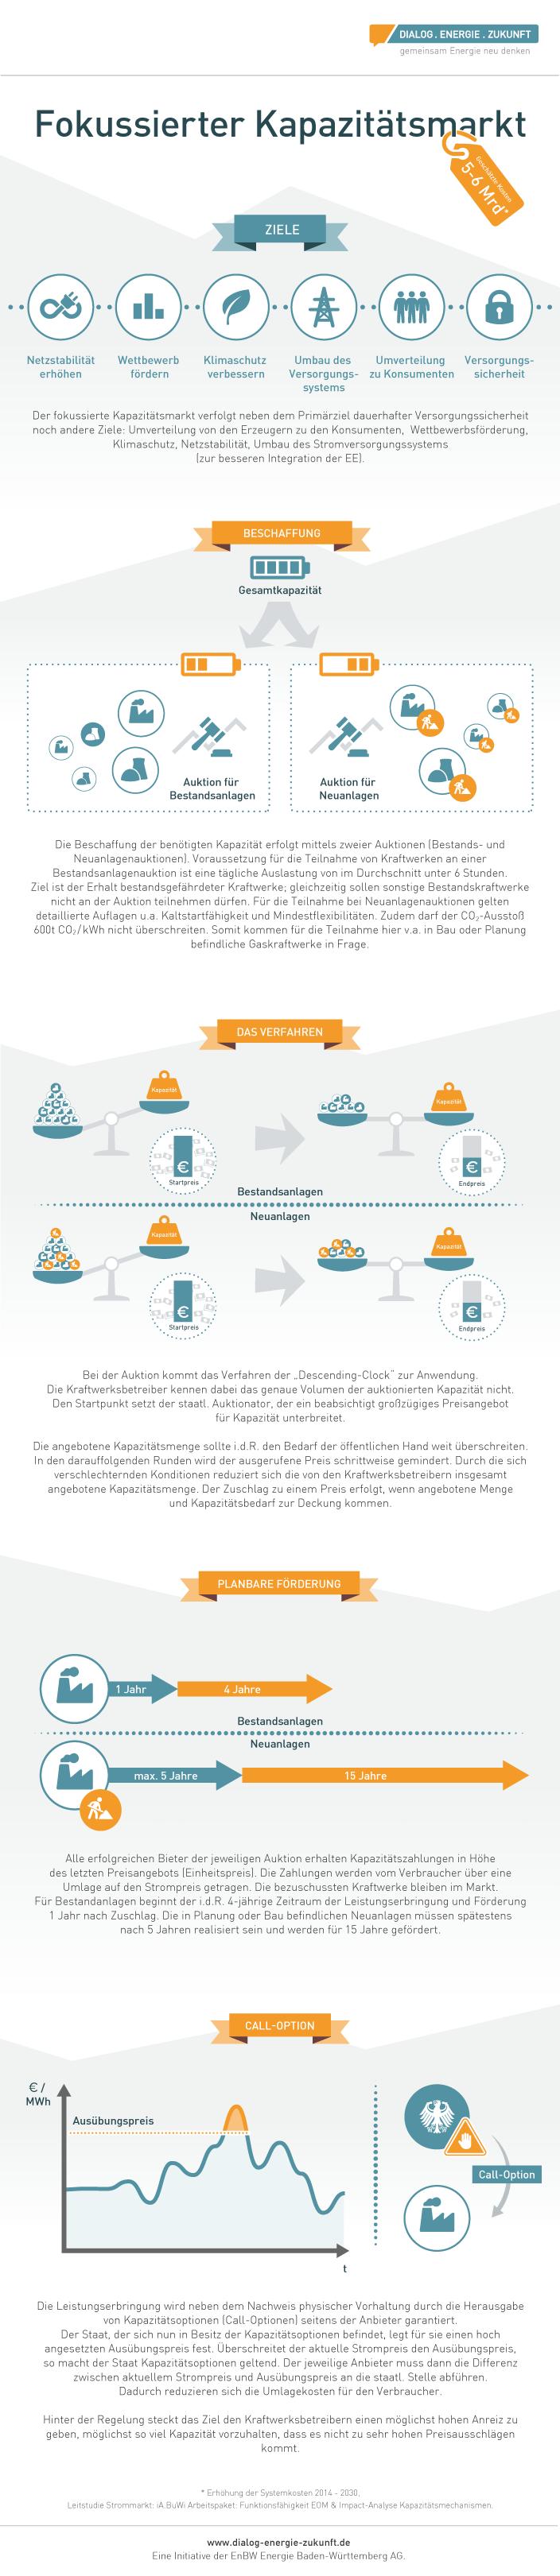 Infografik Fokussierter Kapazitätsmarkt